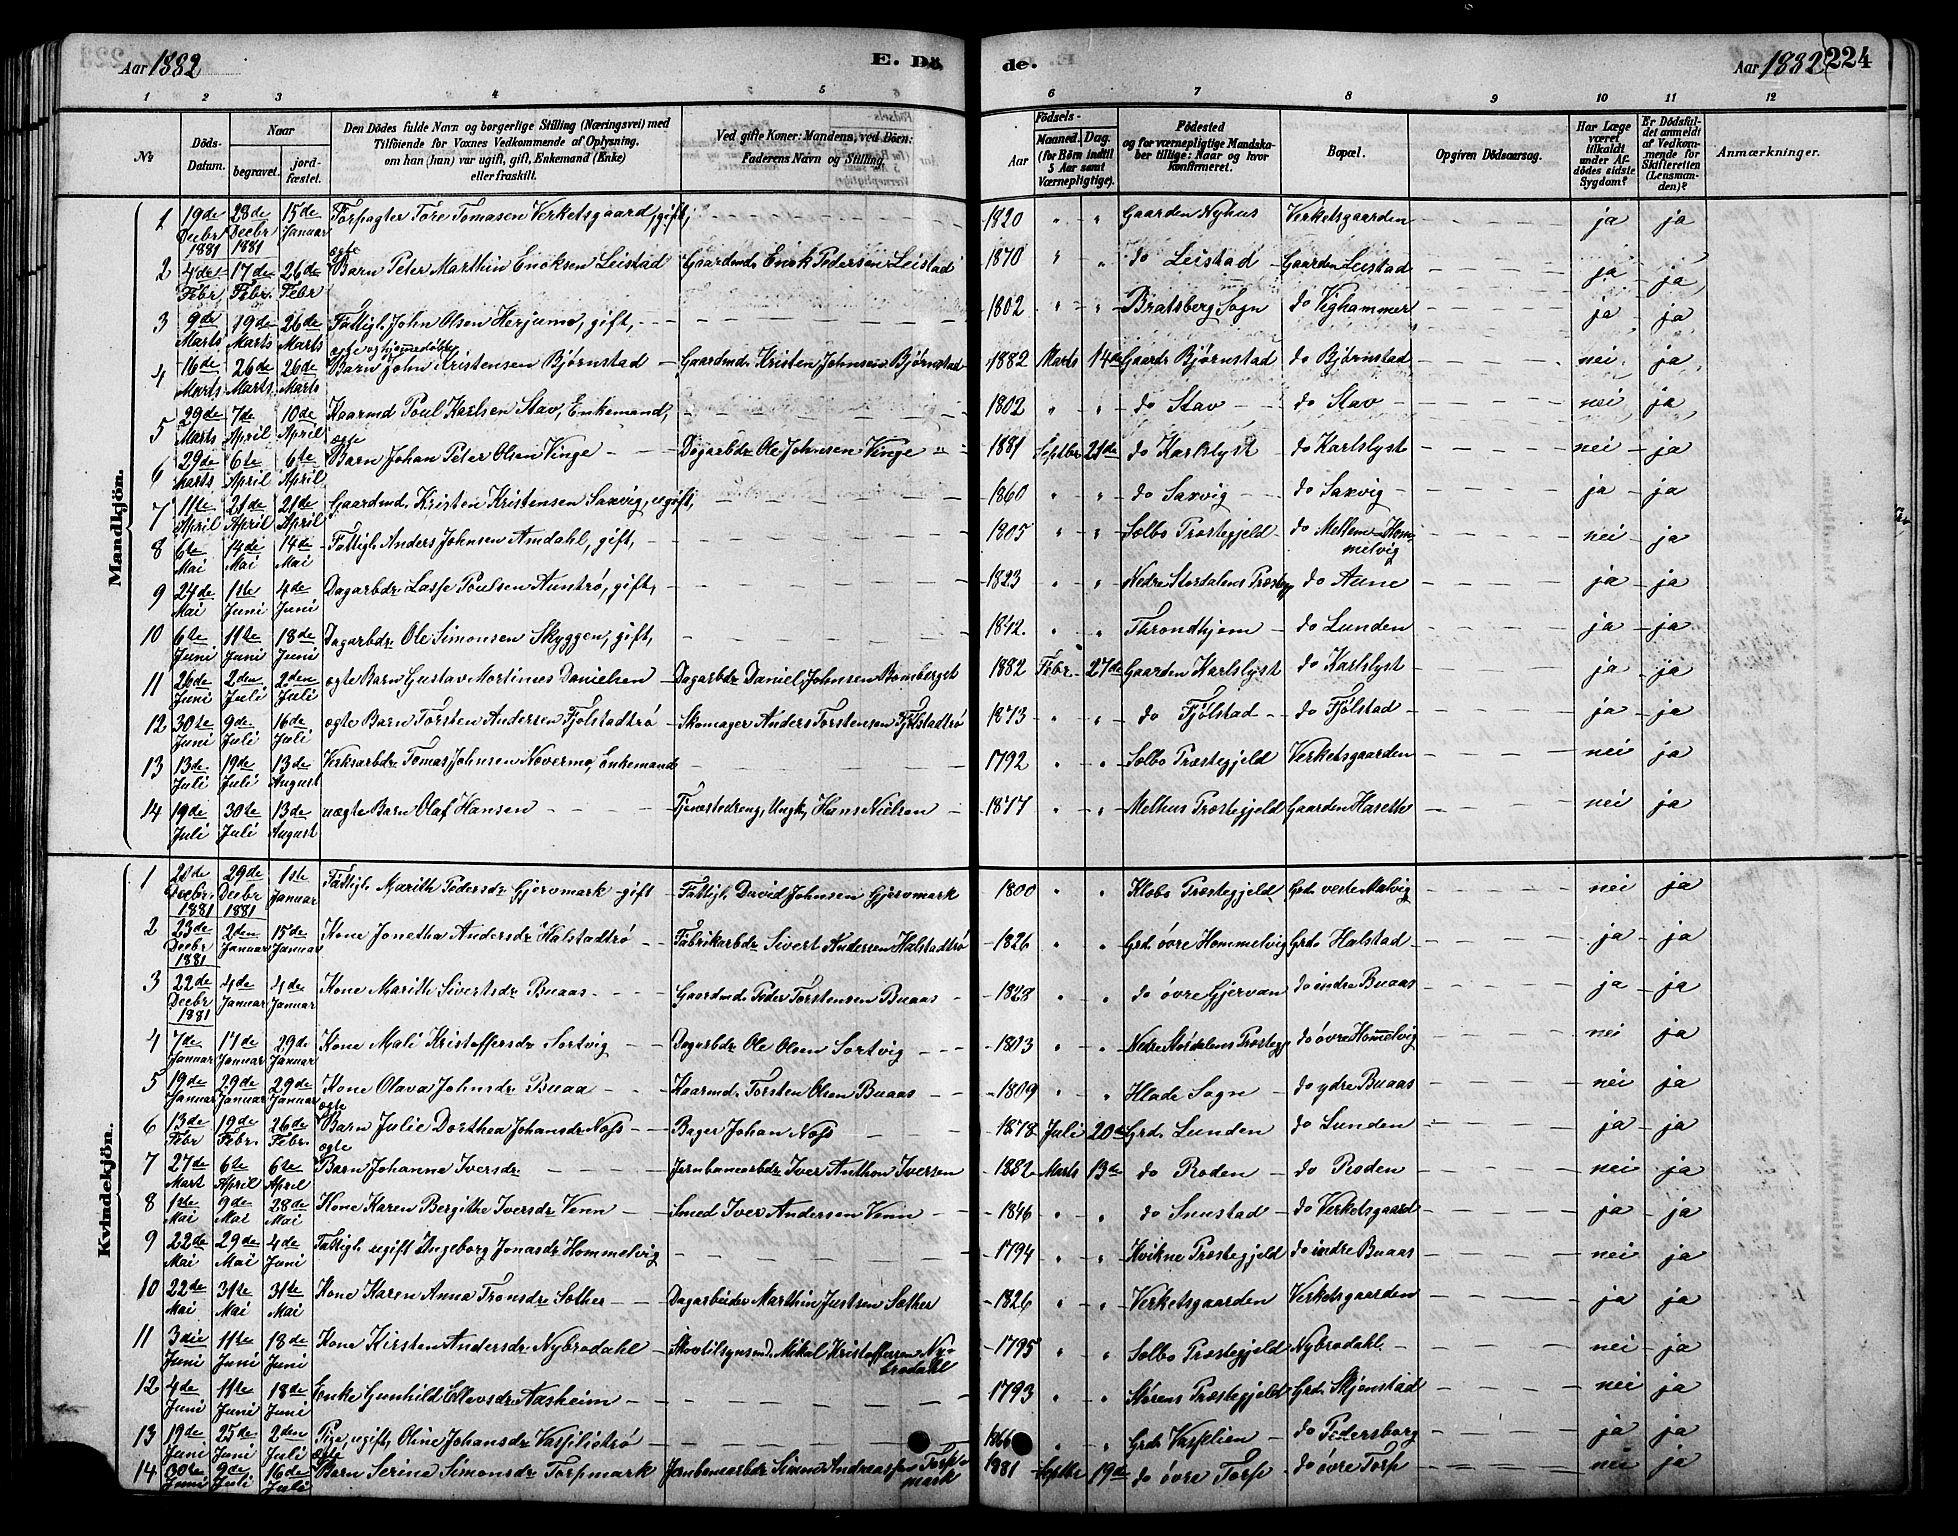 SAT, Ministerialprotokoller, klokkerbøker og fødselsregistre - Sør-Trøndelag, 616/L0423: Klokkerbok nr. 616C06, 1878-1903, s. 224